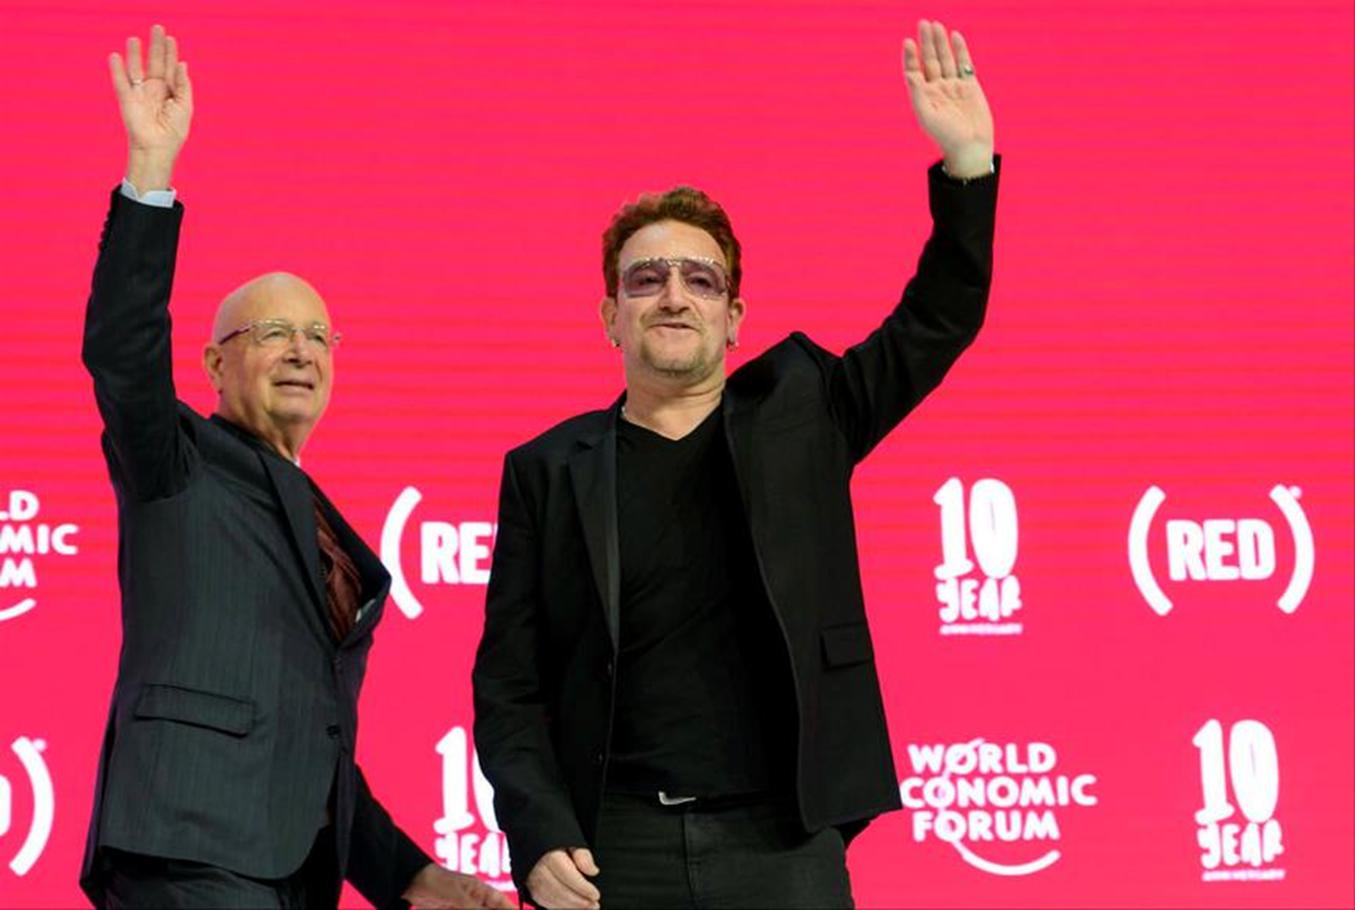 Klaus Schwab and Bono